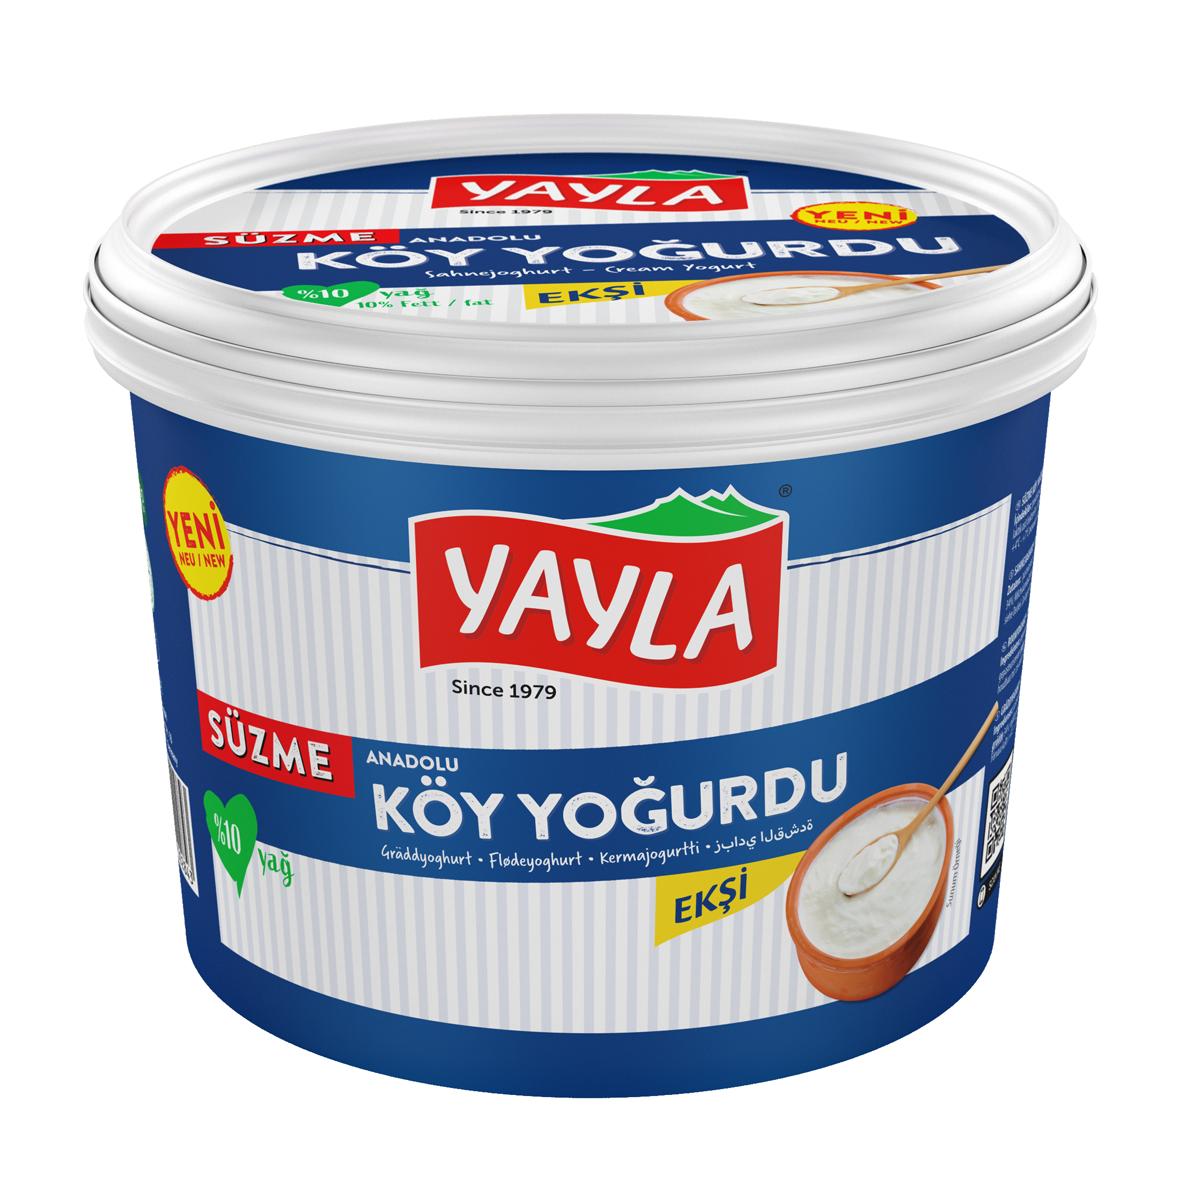 Köy - Sahne-Joghurt (10% Fett)